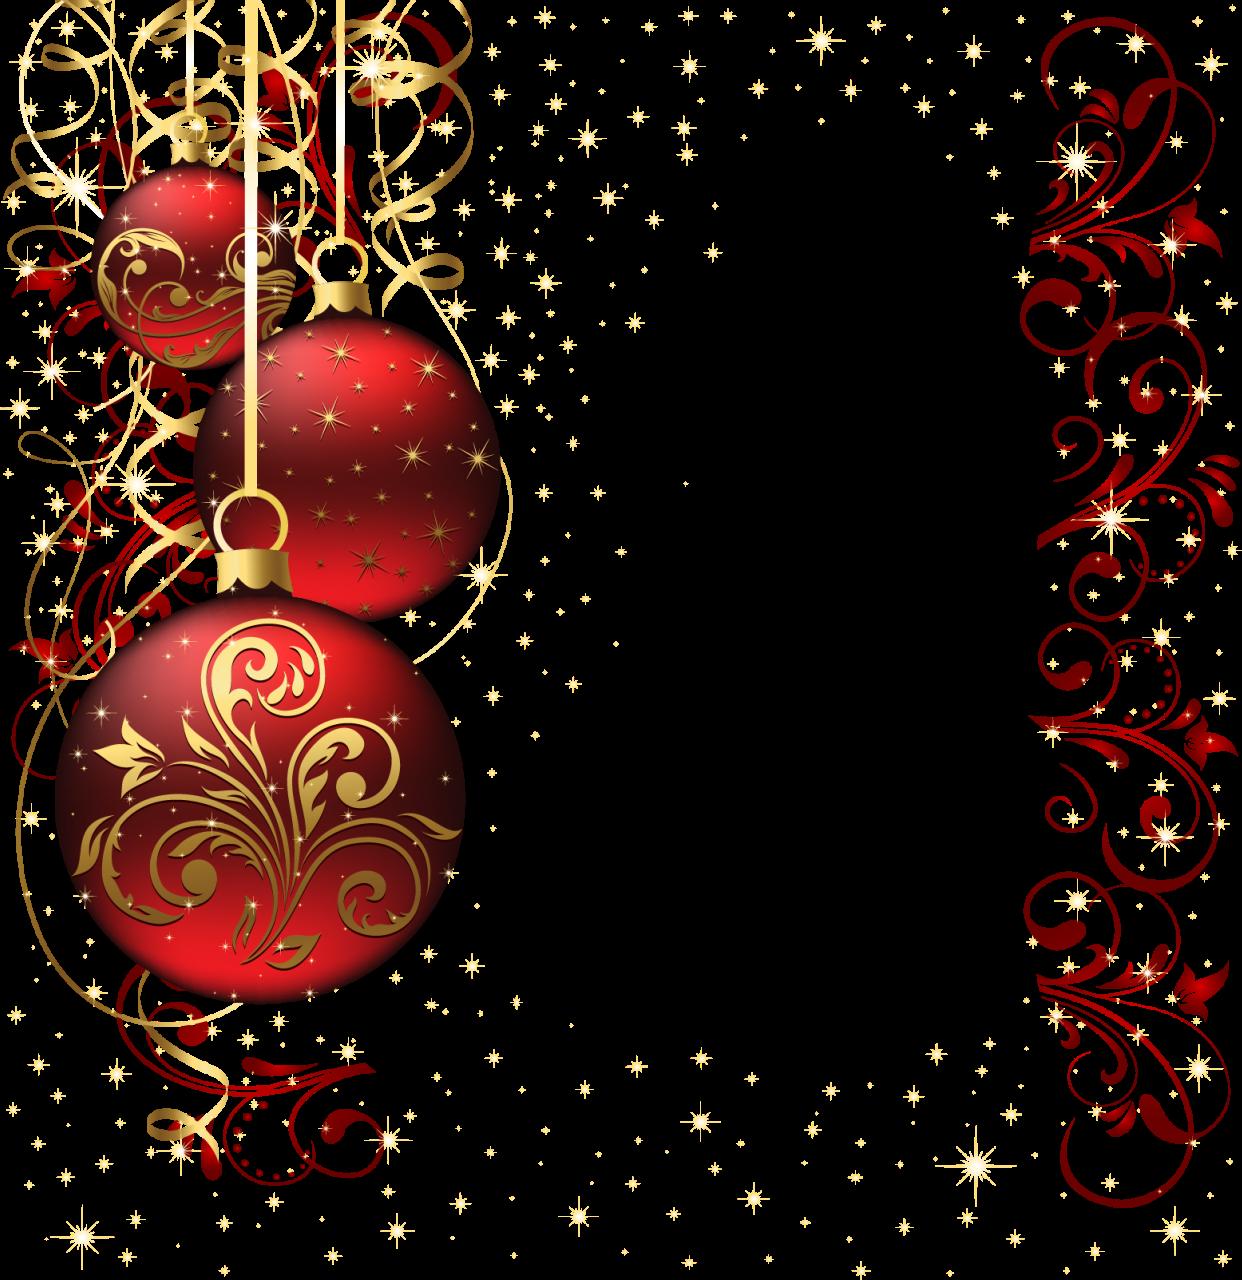 Поттер, узор для открытки на новый год